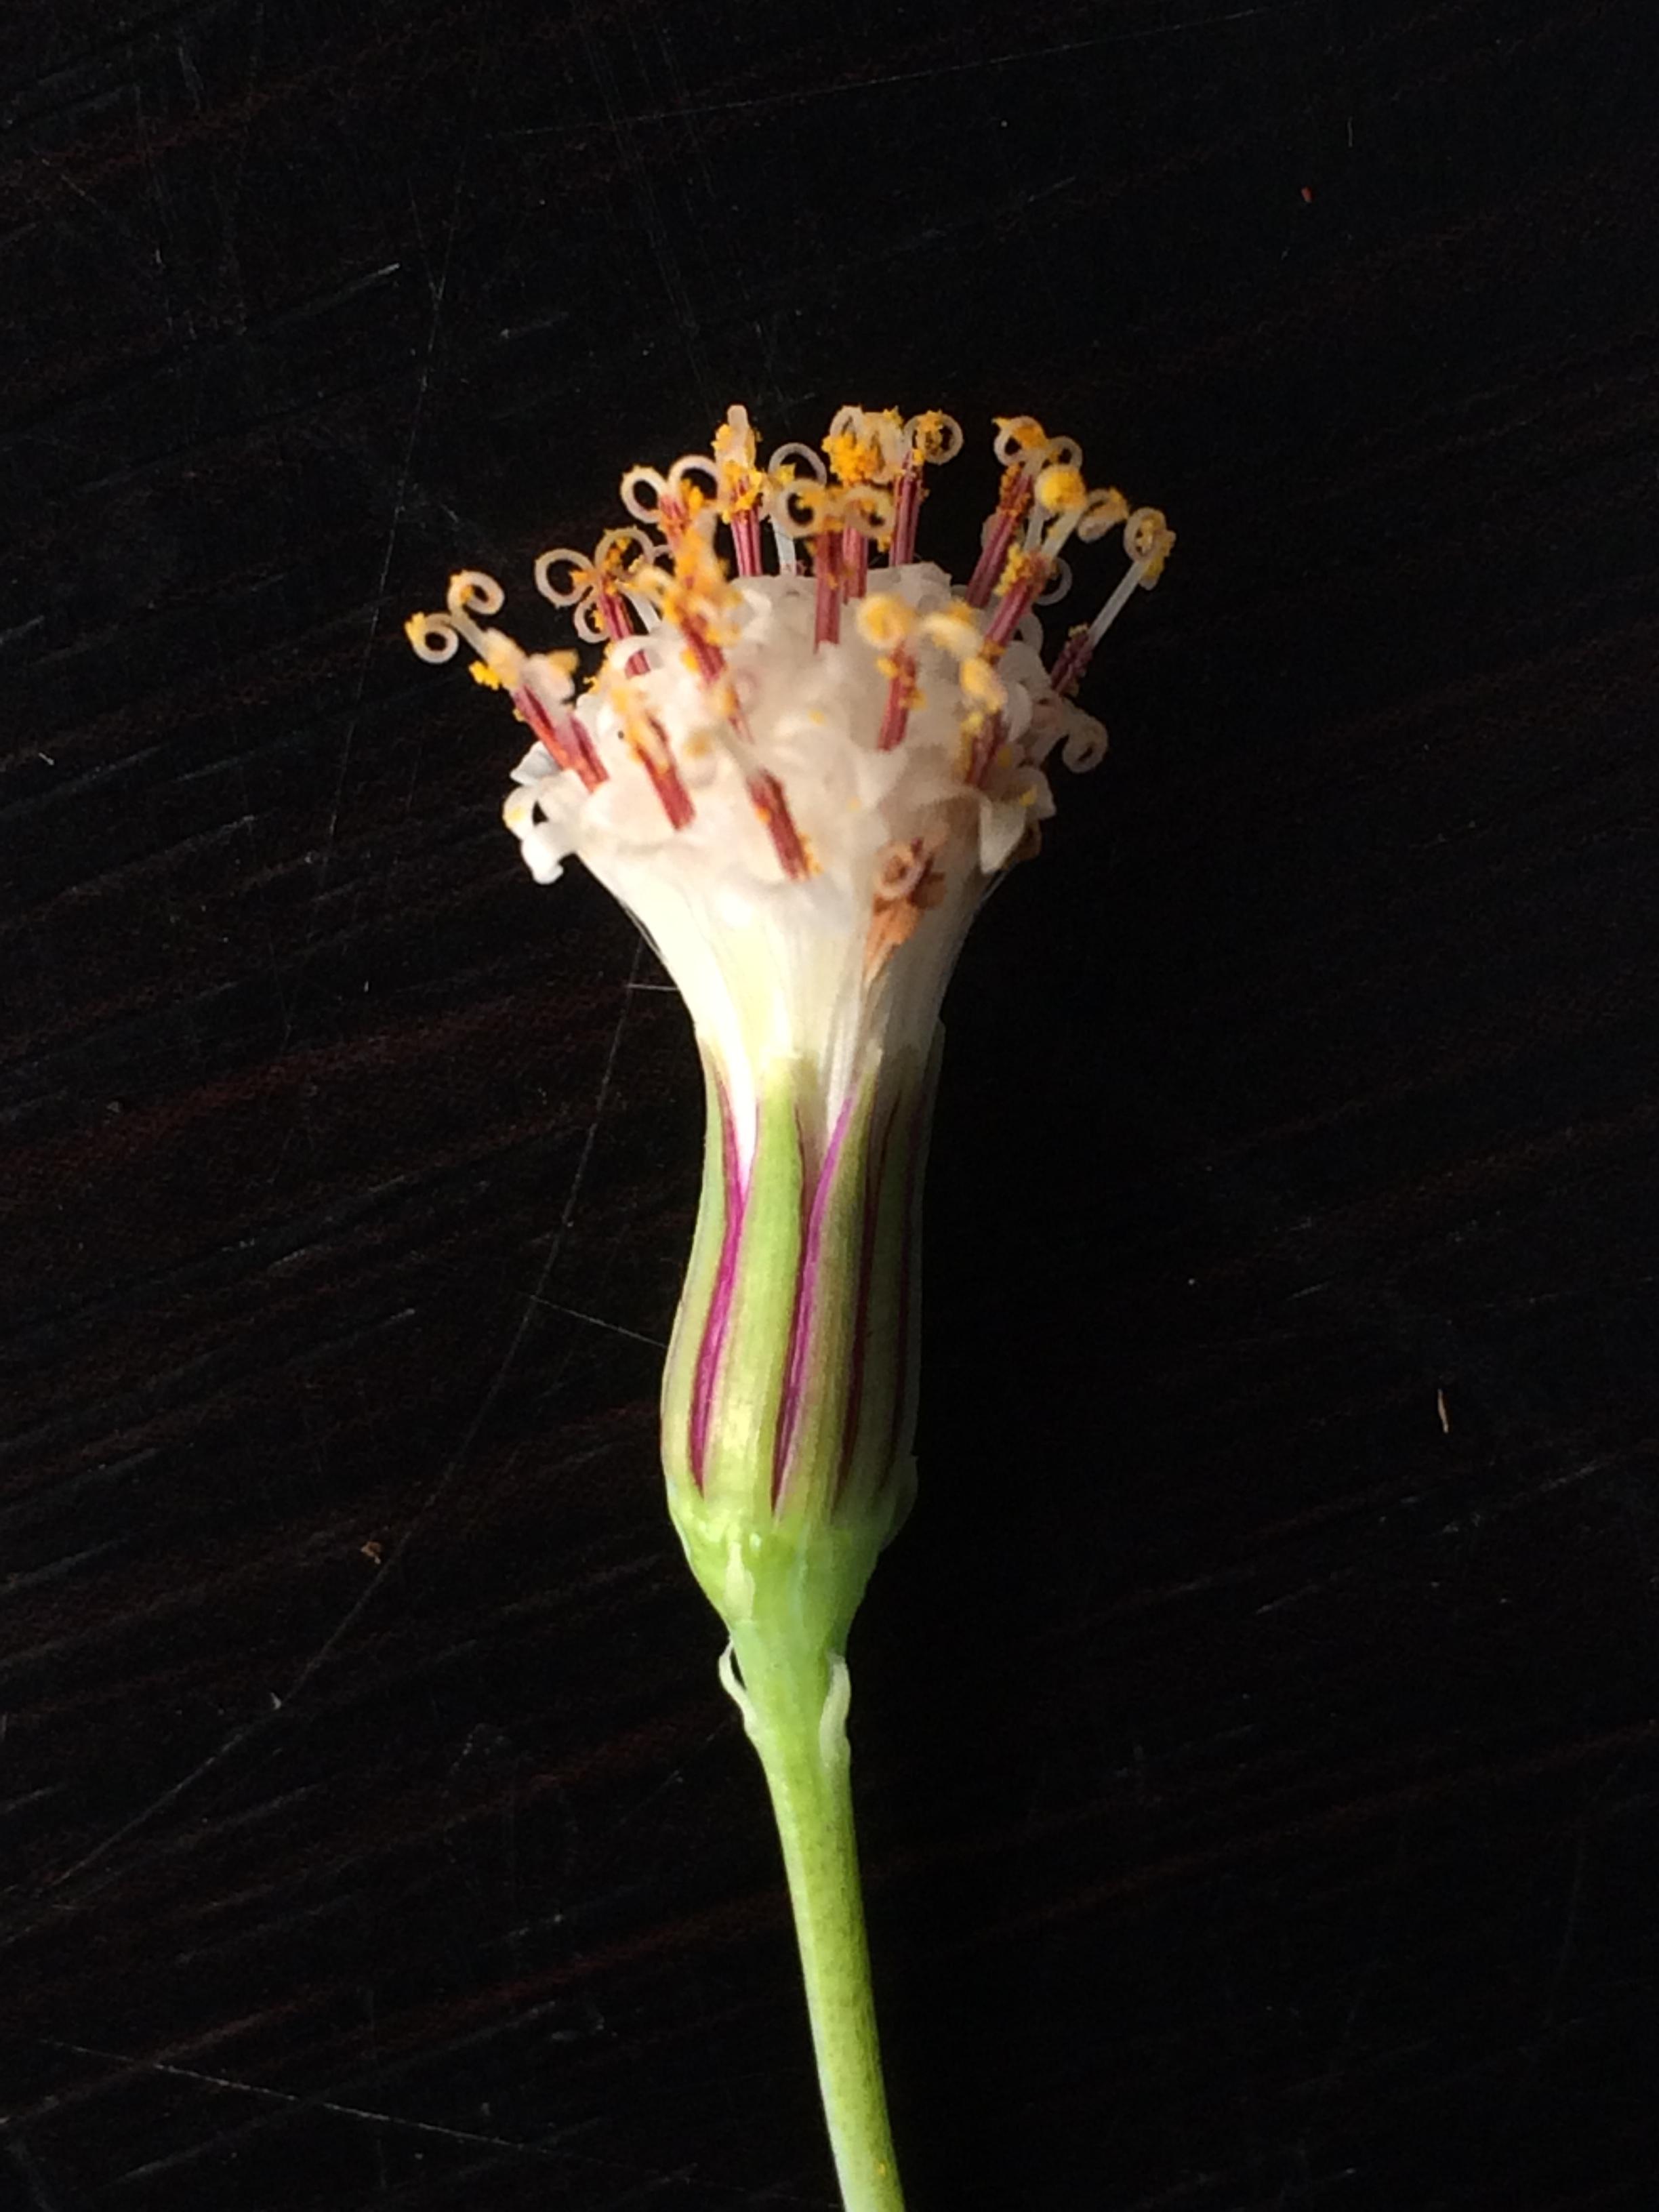 グリーンネックレスの花を徹底解剖!キク科の理由はここにあった! 多肉植物の豆知識